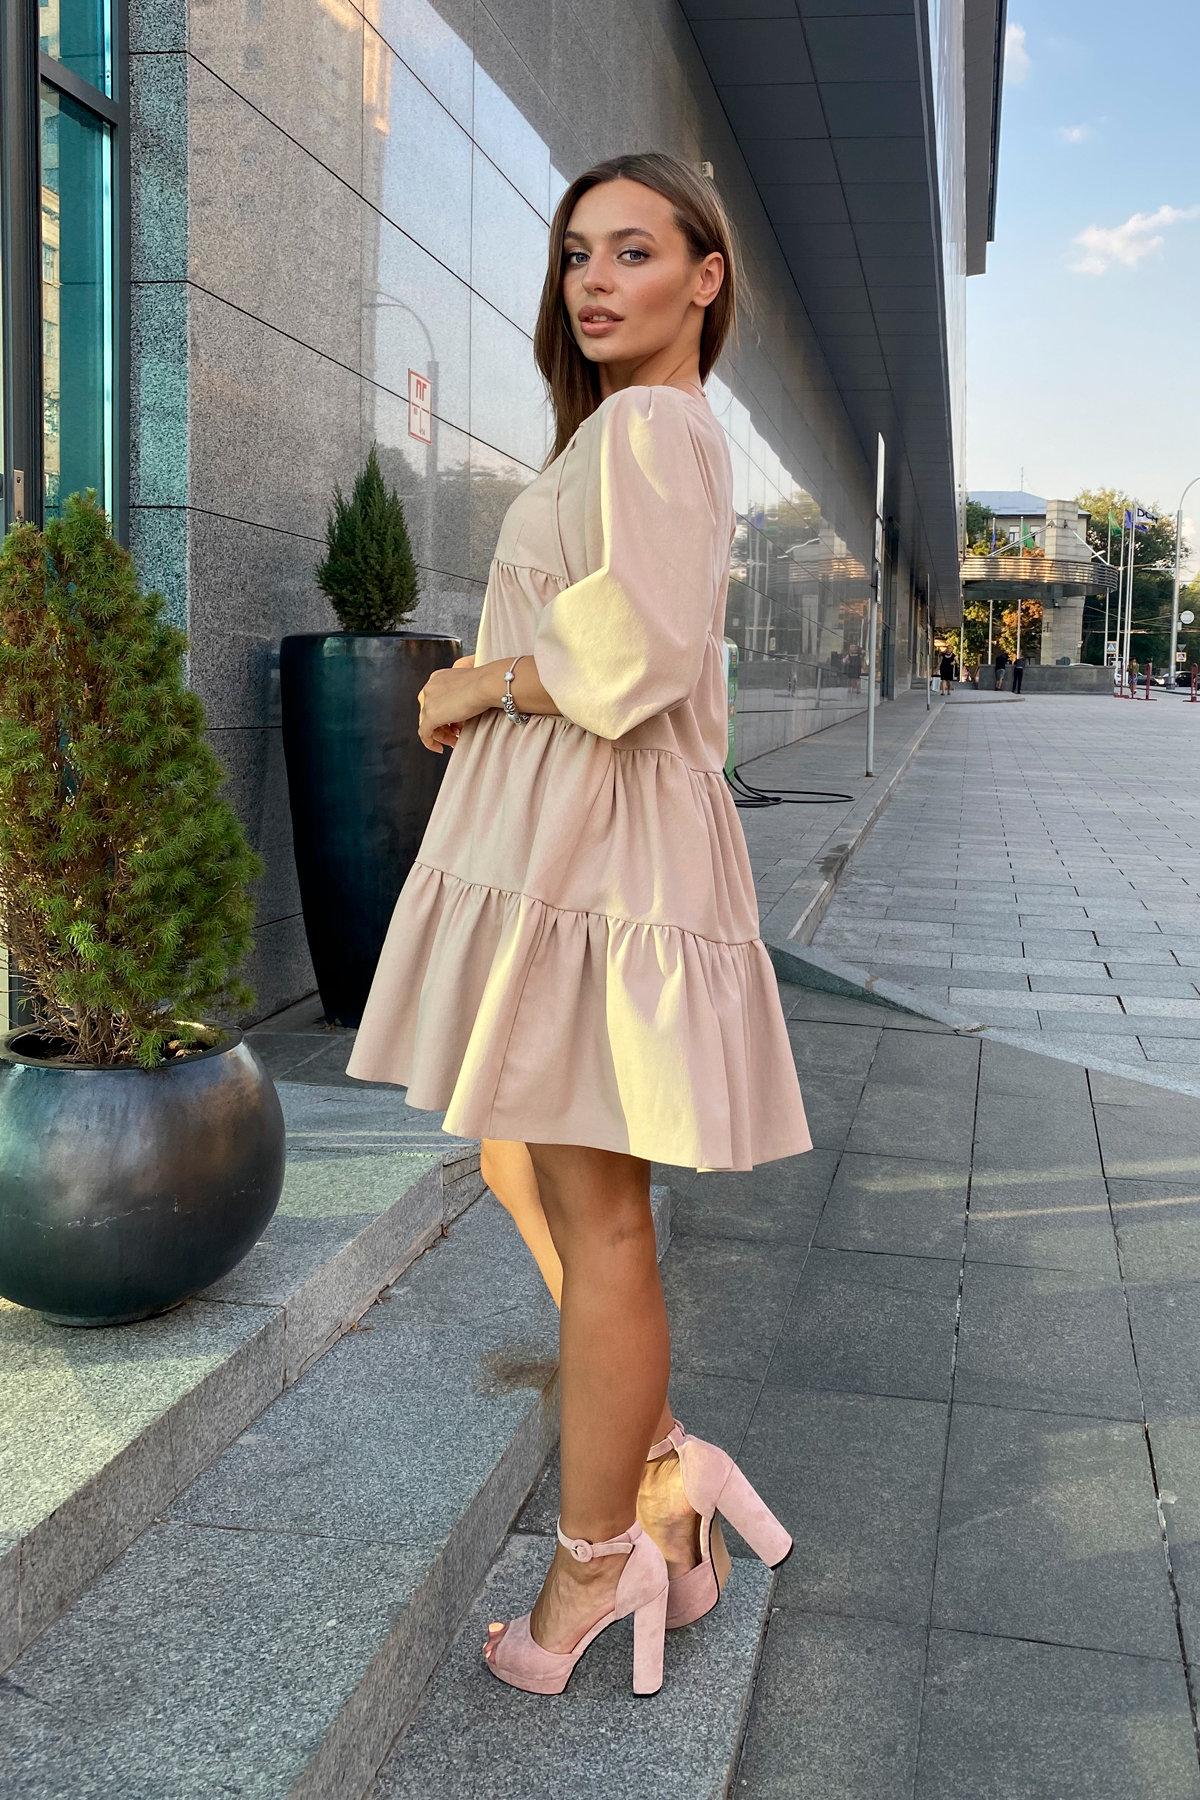 Платье Нинель 9585 АРТ. 45917 Цвет: Бежевый - фото 2, интернет магазин tm-modus.ru